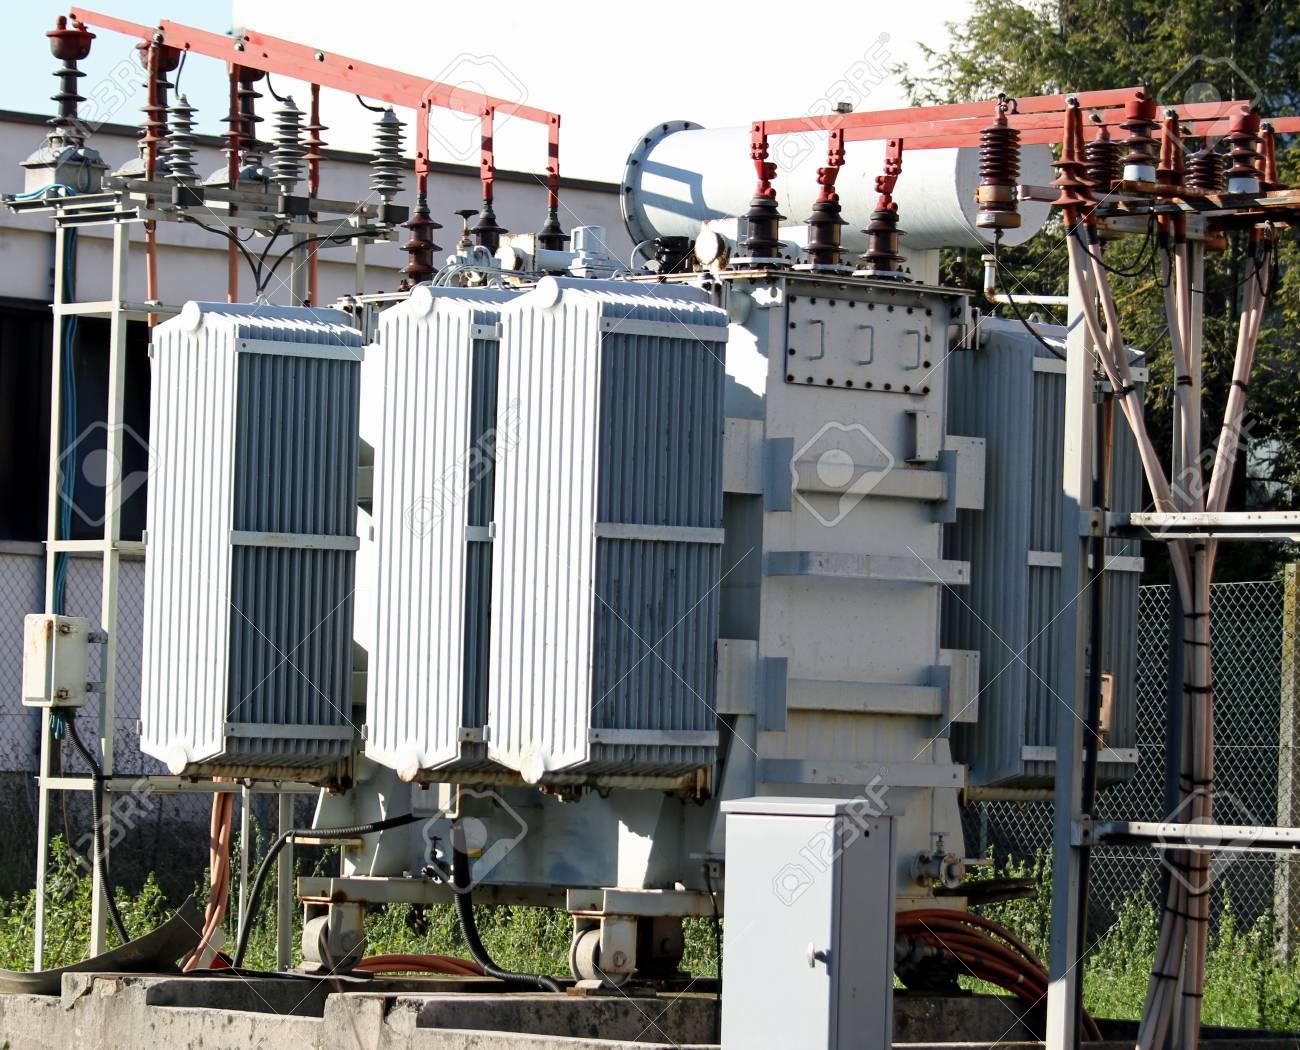 انجام پروژه های دانشجویی برق مخابرات الکترونیک کنترل قدرت رشته ارشد مهندسی برق انجام پروژه های دانشجویی برق توليد انتقال توزیع برق در نيروگاهها فضاپيماها هدايت موشكها کنترل مدار مجتمع افزاره های میکرو نانو الکترونیک آنتن پردازش سیگنال